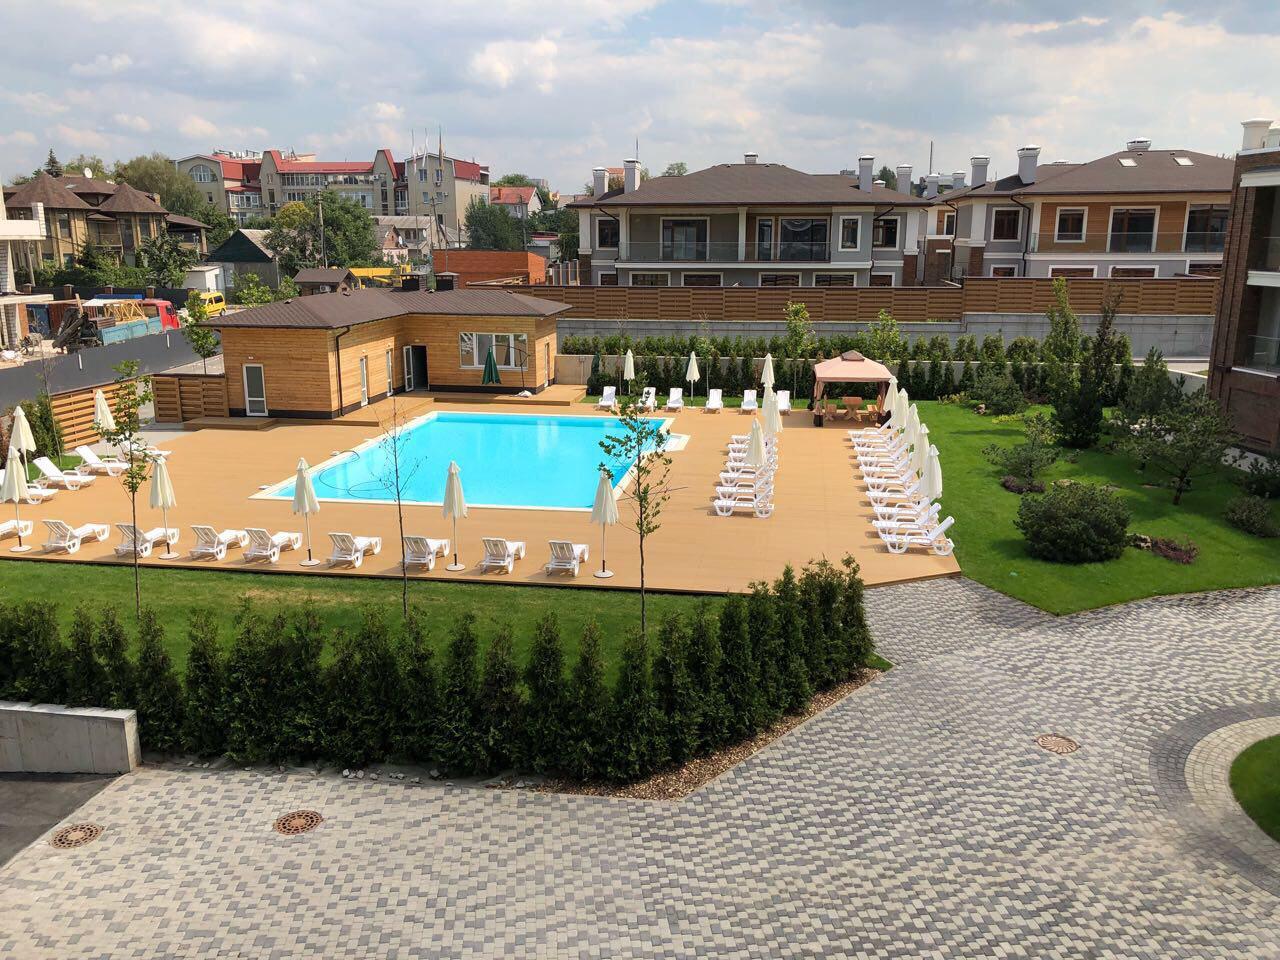 В секции люкс все готово к приему новых жильцов. Все включая бассейн!